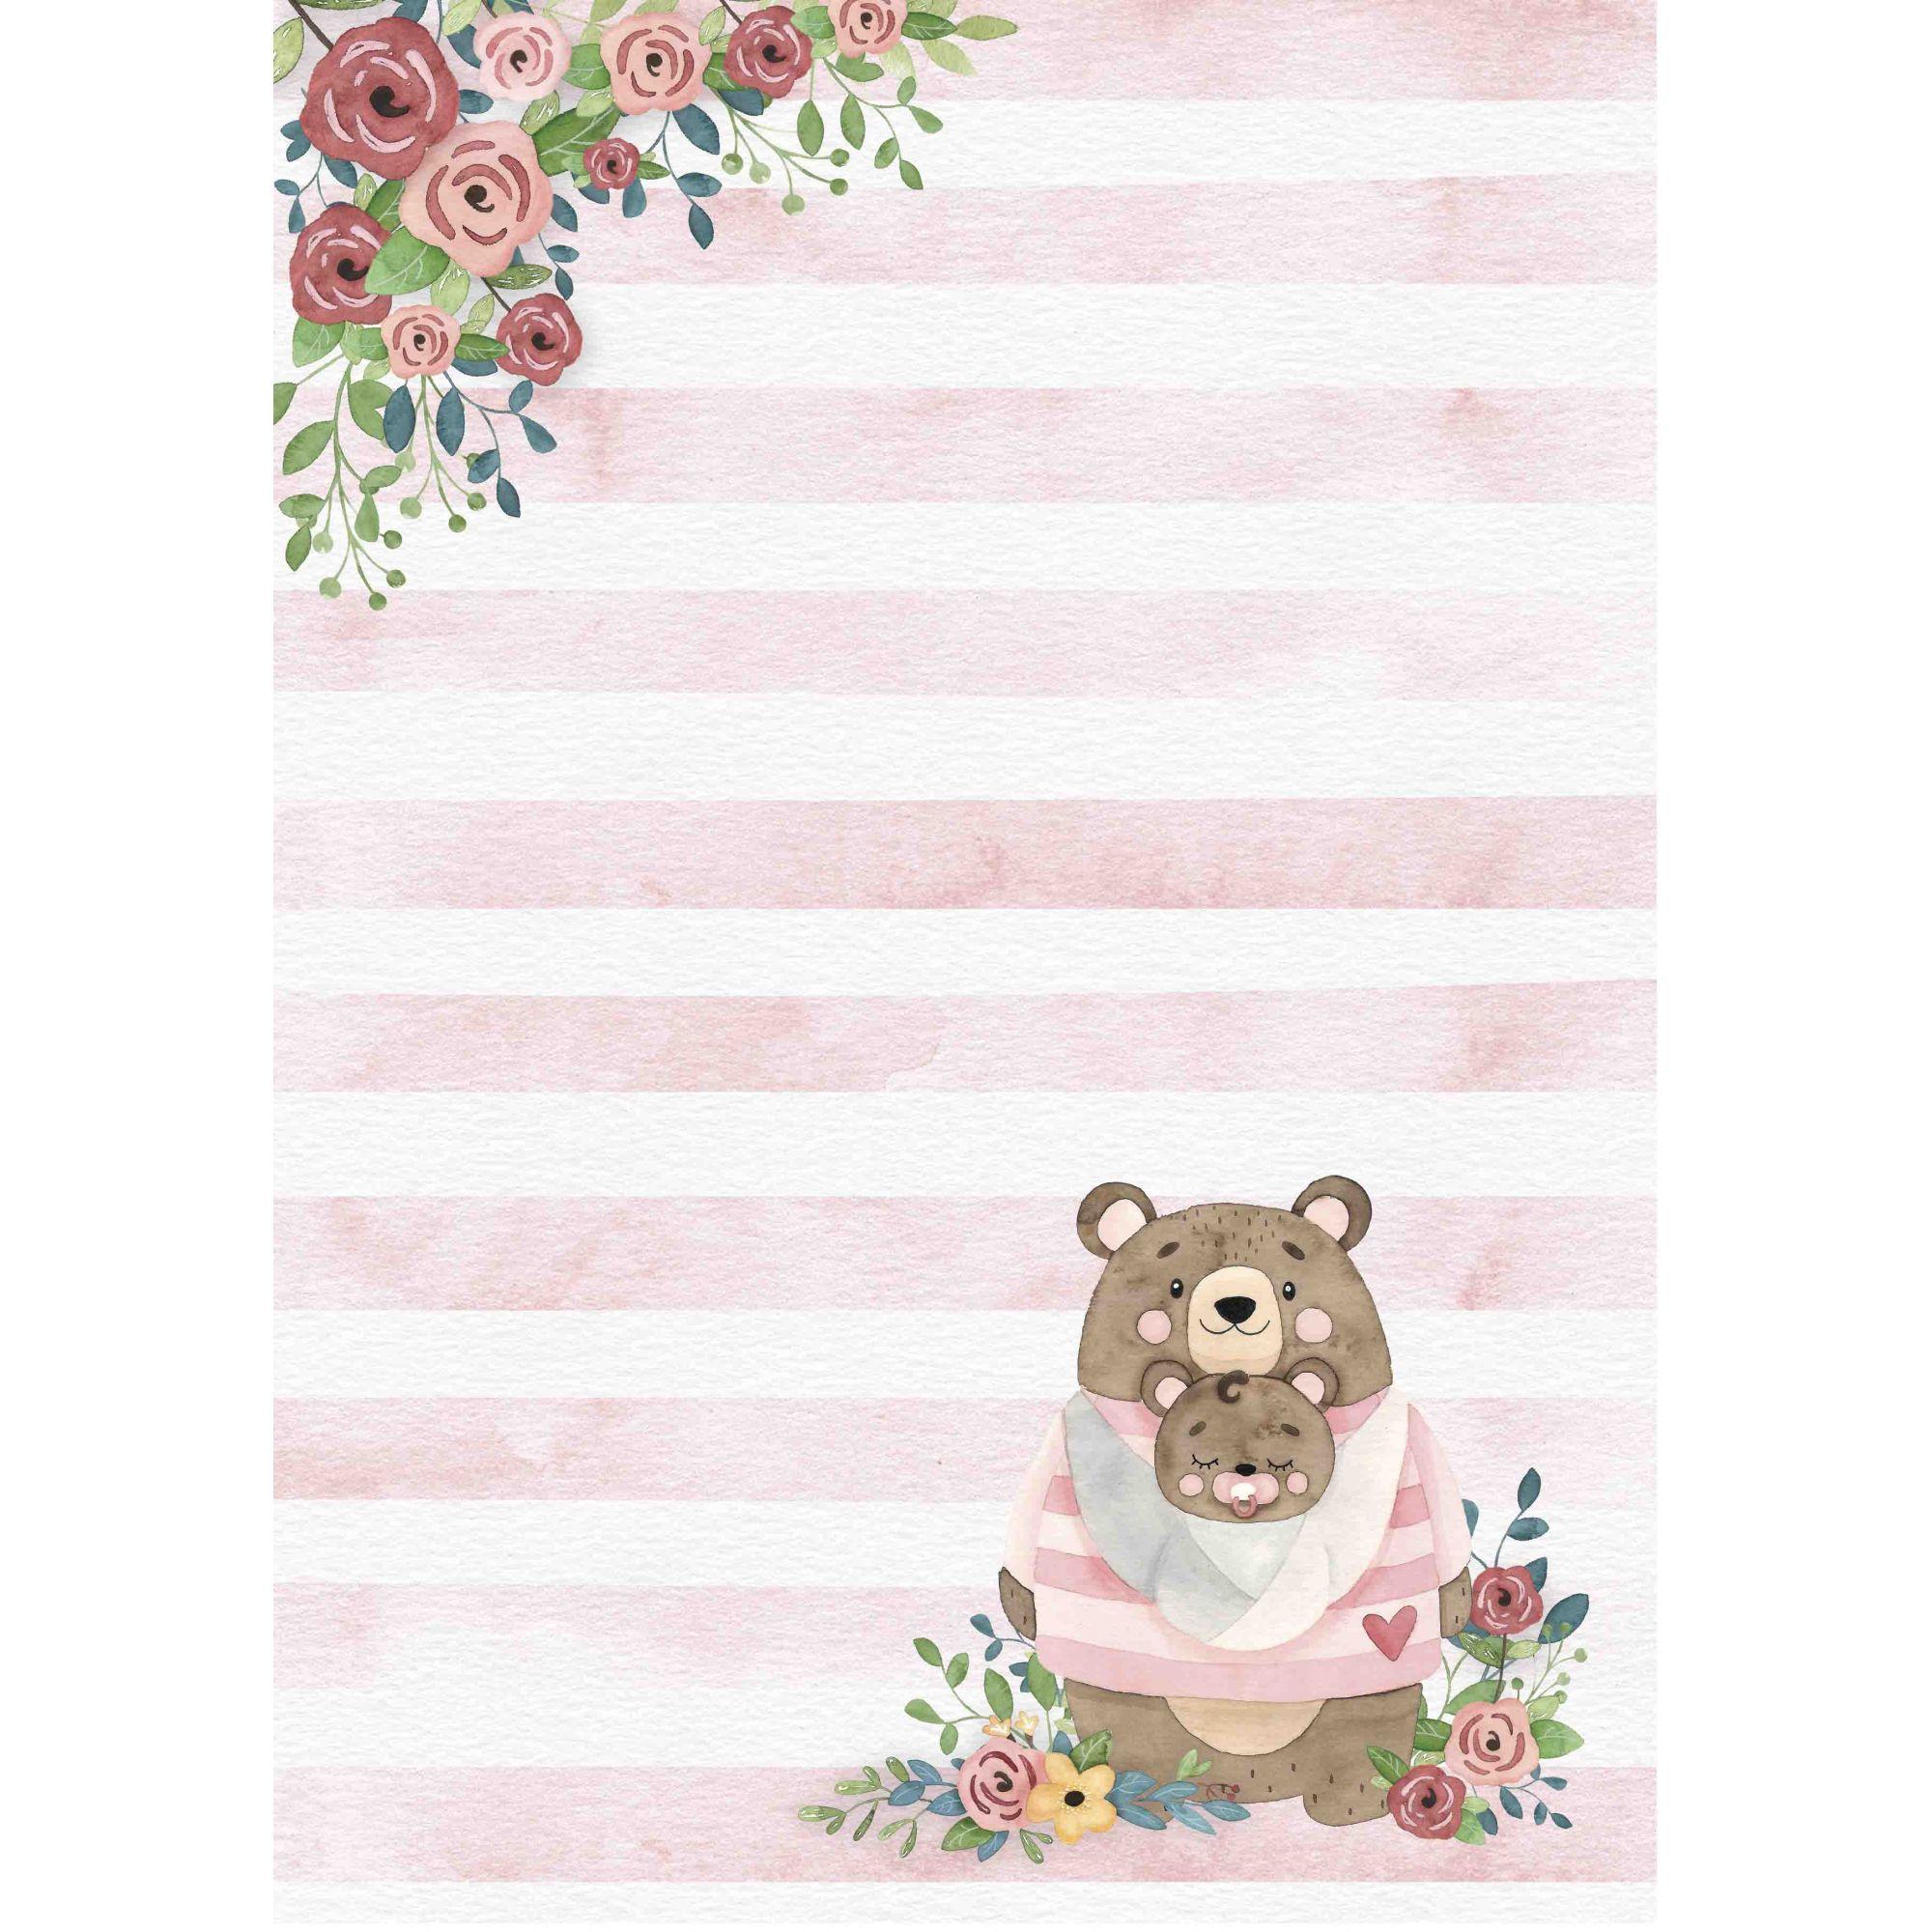 Bloco de Folhas A4 - Coleção Abraço de Urso - JuJu Scrapbook  - JuJu Scrapbook